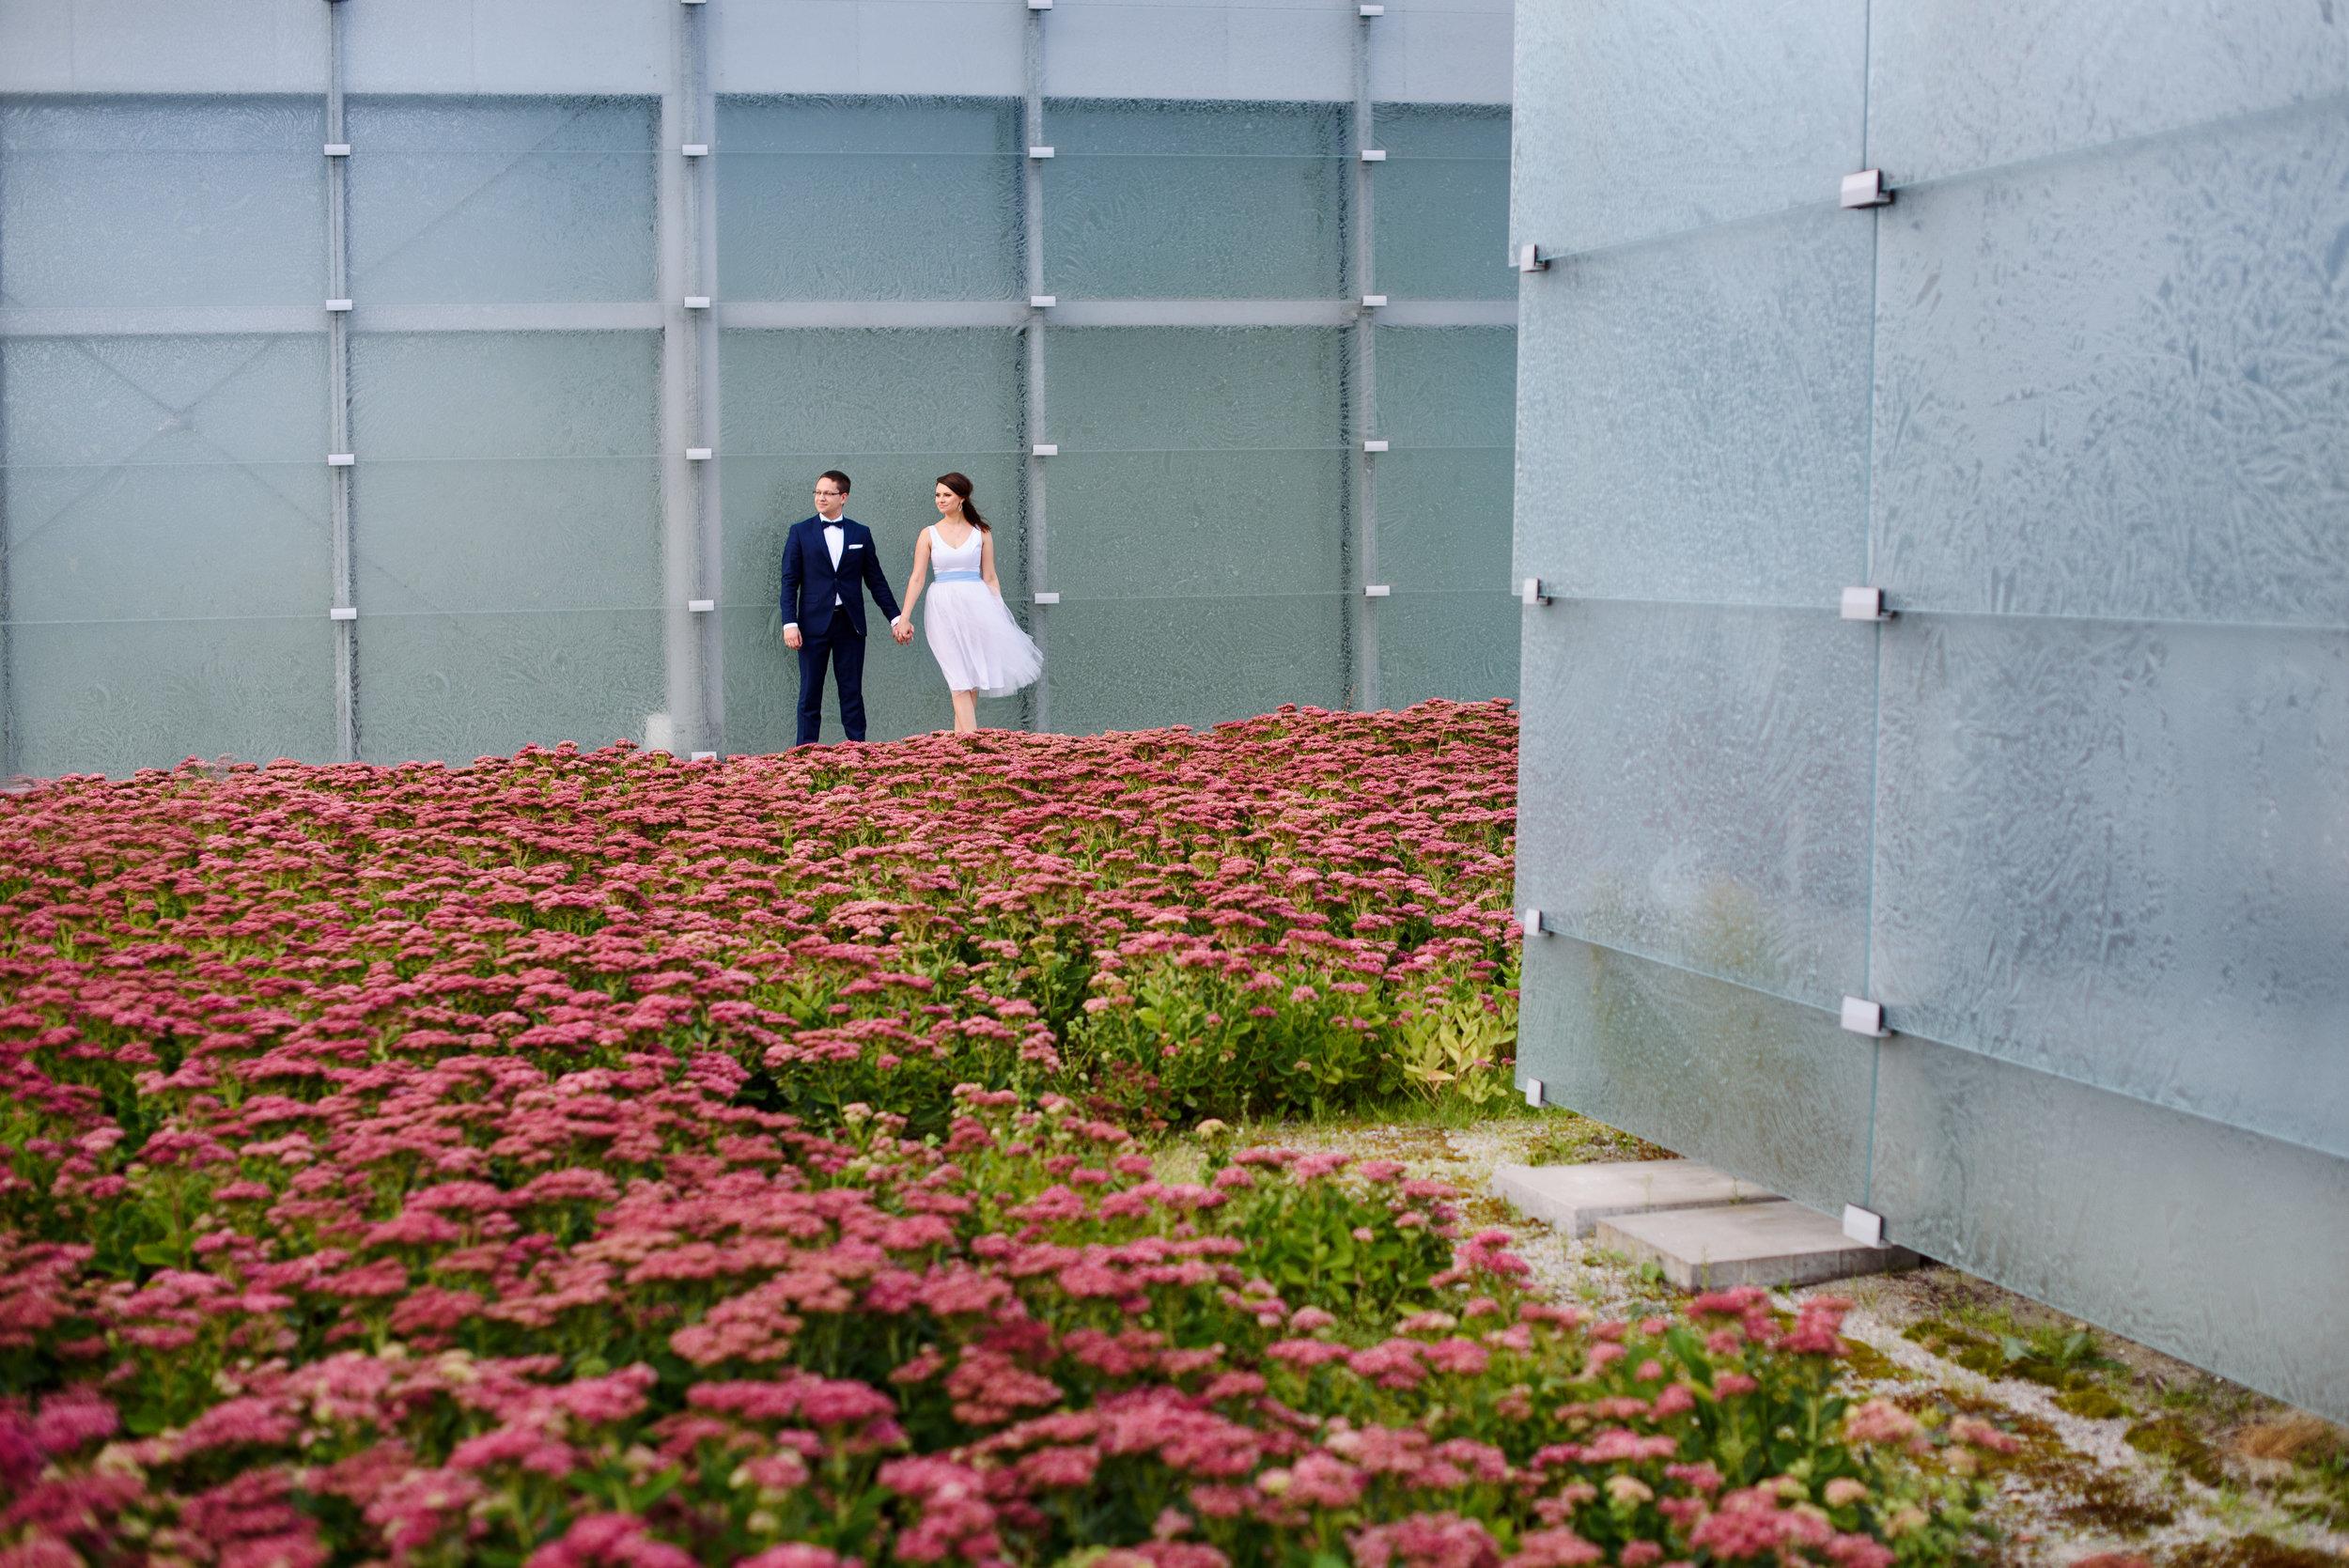 Tramwajem do ślubu - Kasia i Rinat - ślub w Katowicach